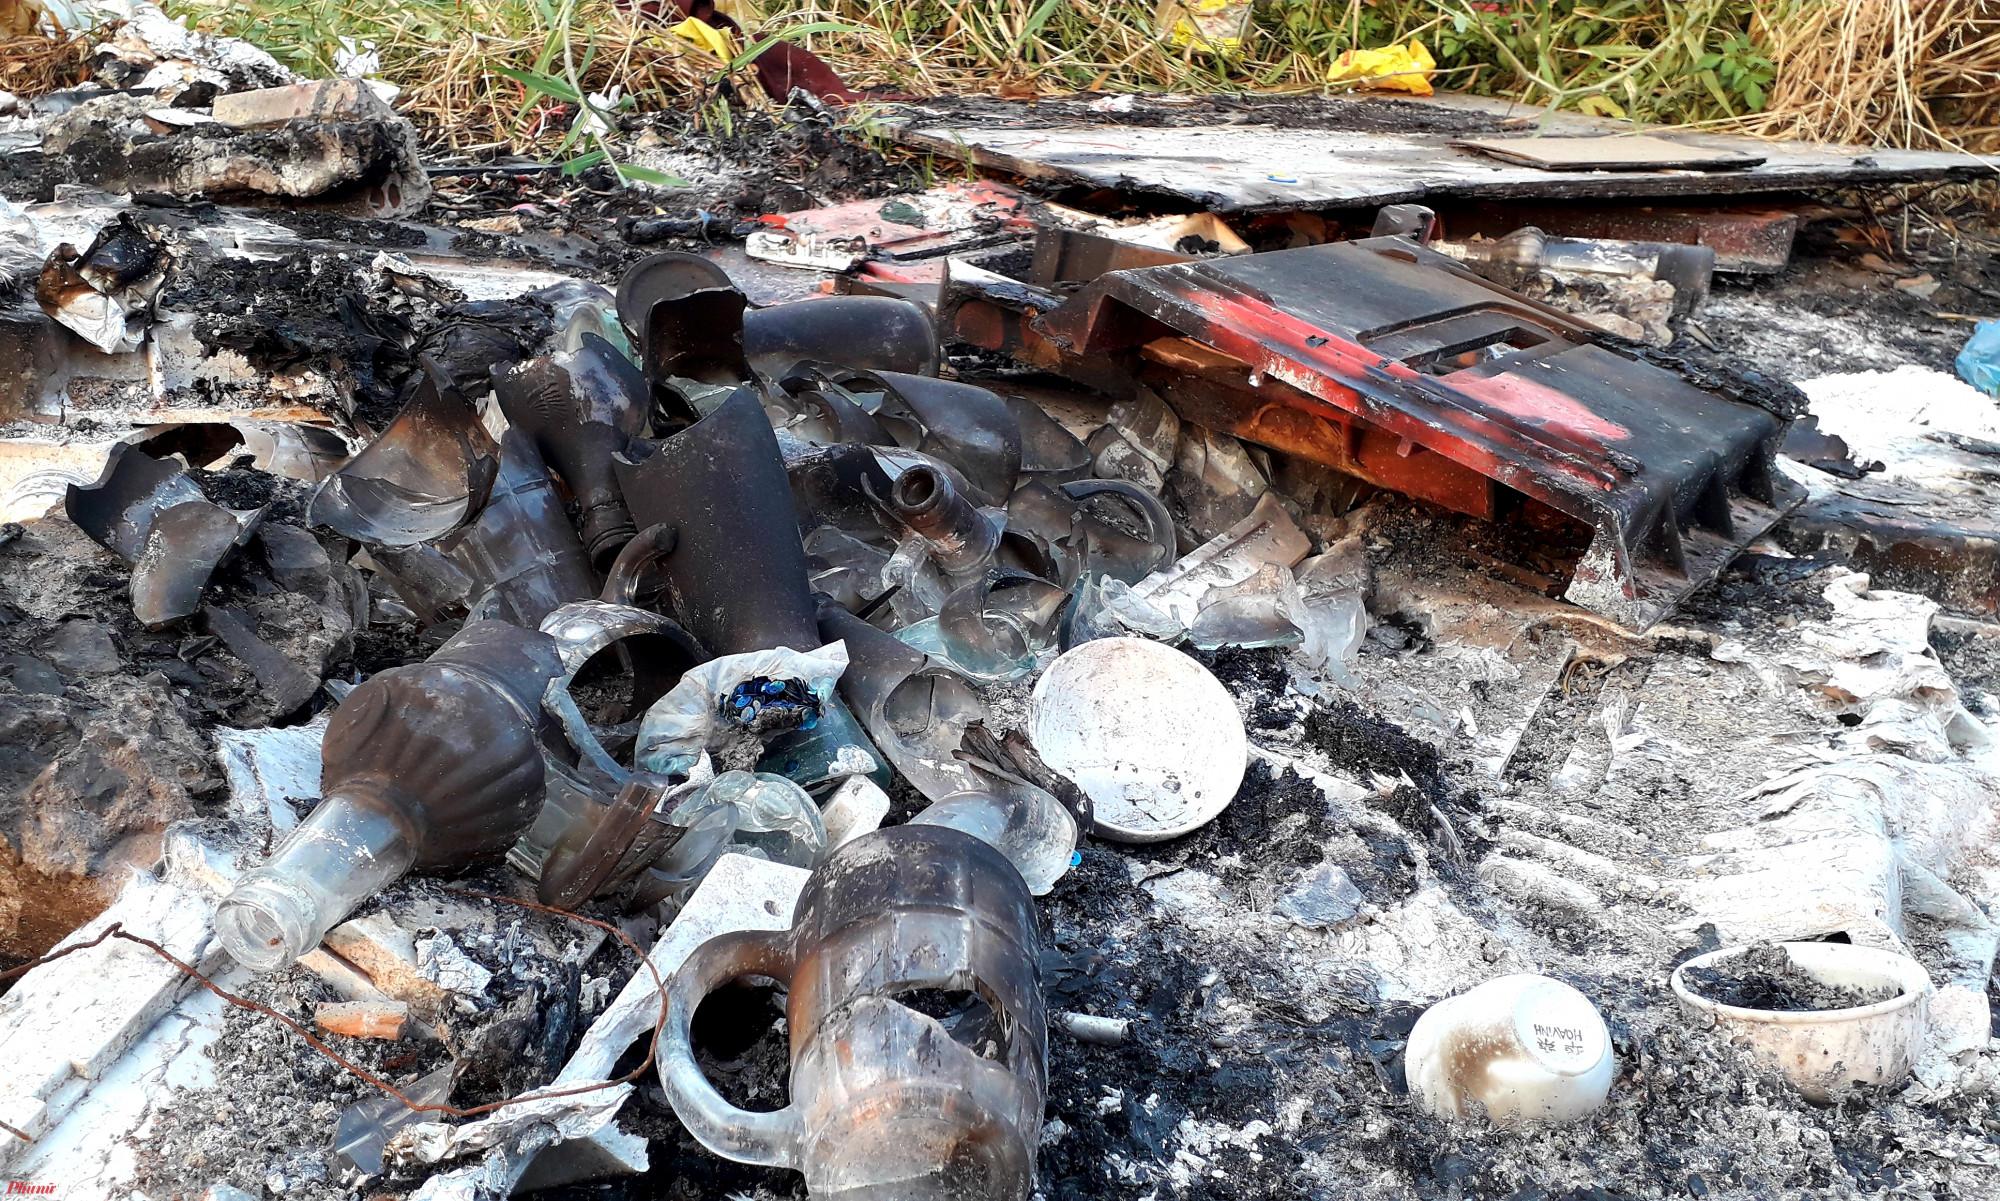 Nhiều miểng chai sắc nhọn còn sót lại ở một đống rác đốt cháy nham nhở, gây nguy hiểm cho người lưu thông trên tuyến đê bao bờ hữu sông Sài Gòn. Ảnh: Hoàng Nhiên